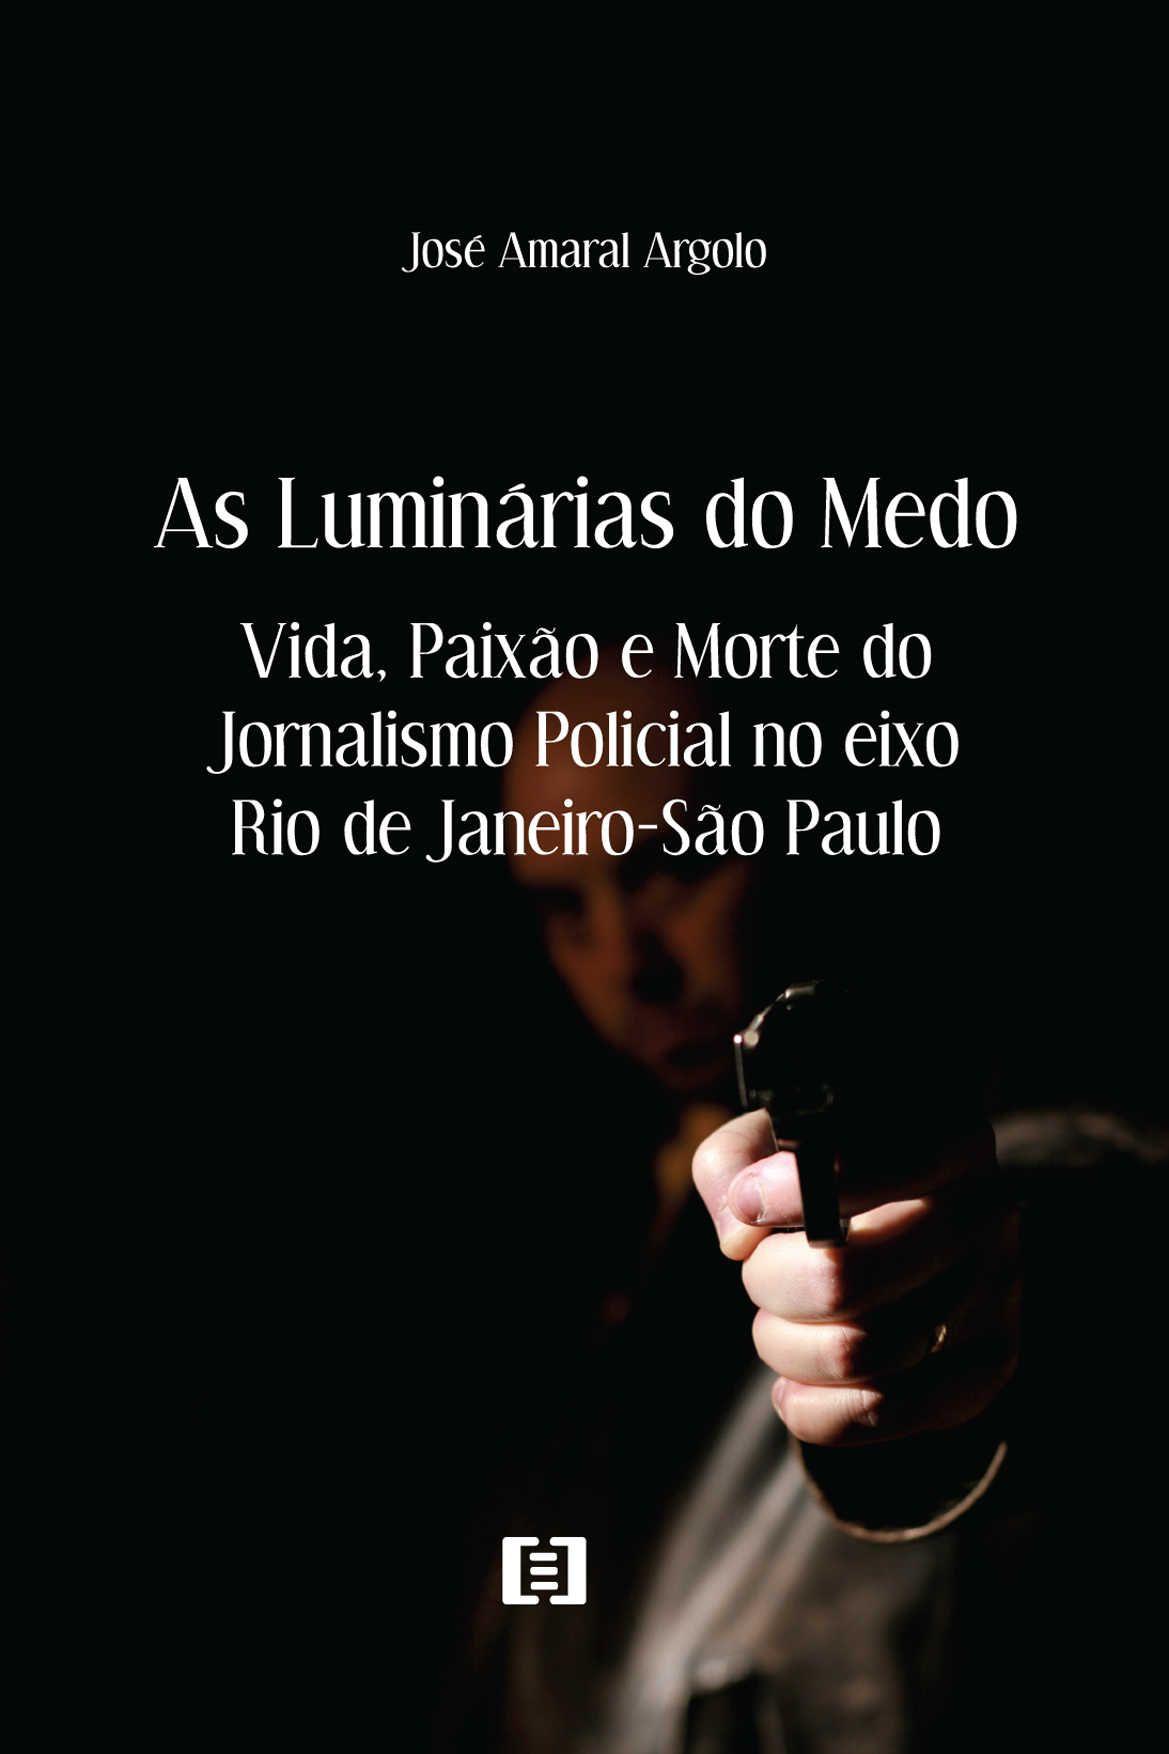 As Luminárias do Medo: Vida, Paixão e Morte do Jornalismo Policial no eixo Rio de Janeiro-São Paulo